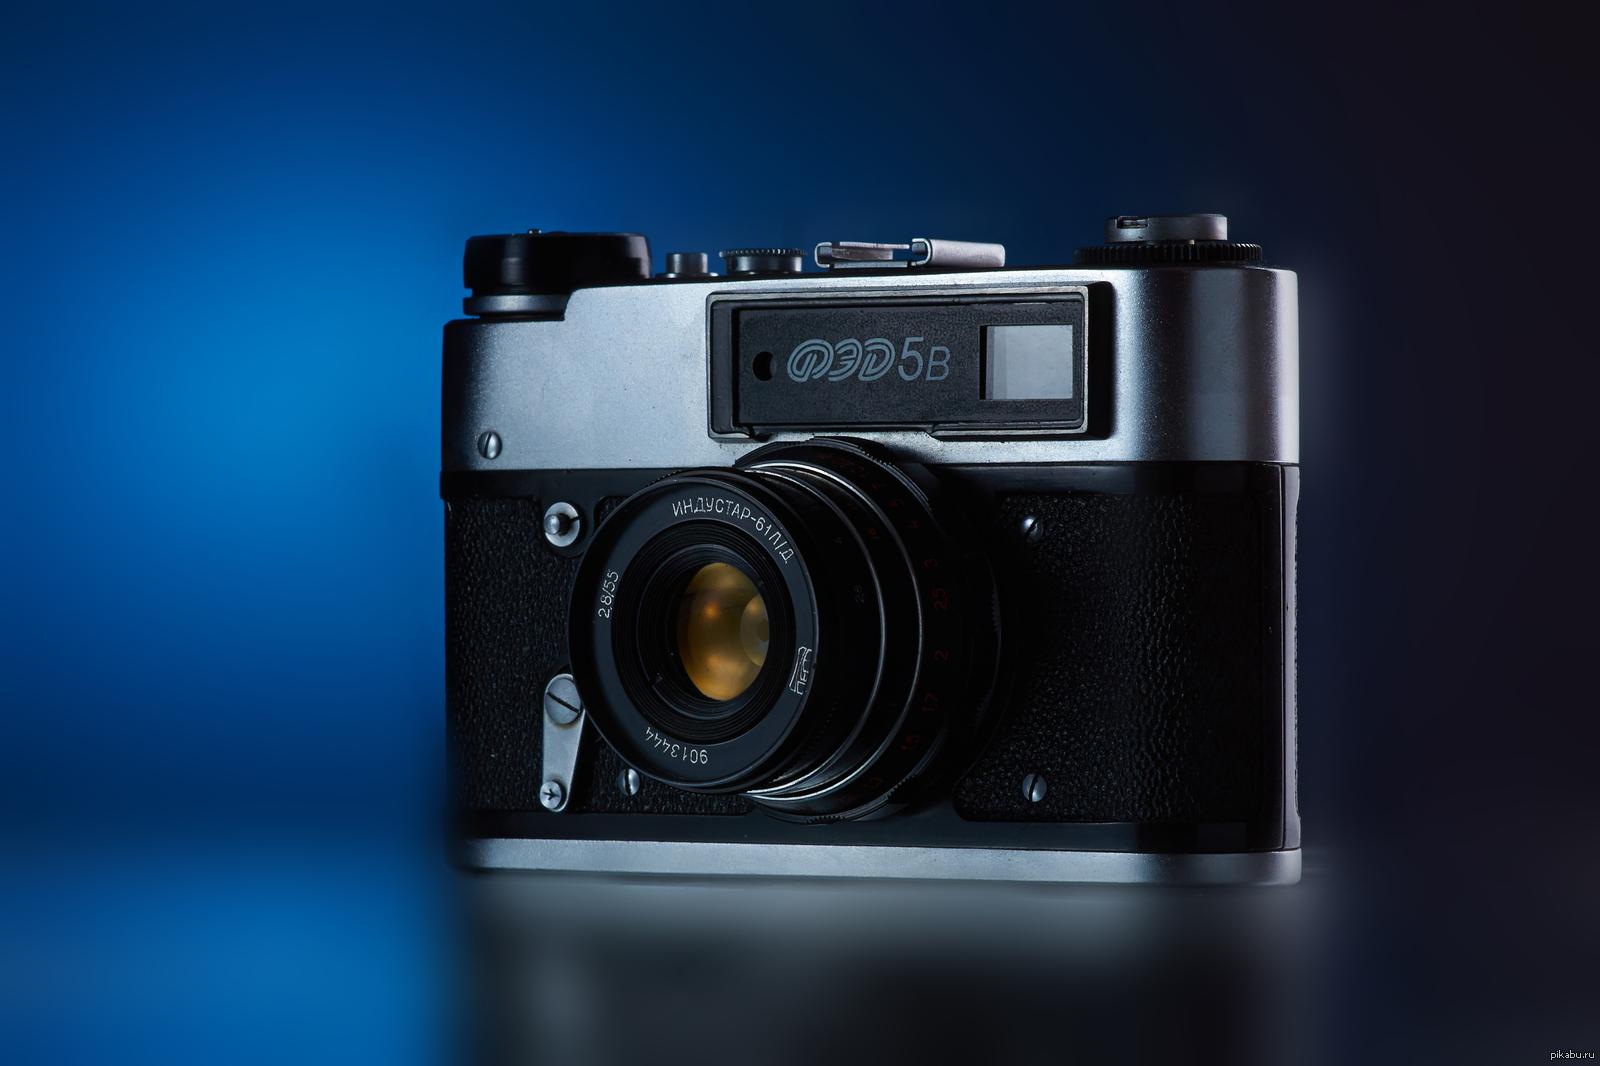 модель новая пленочная фотокамера служившие